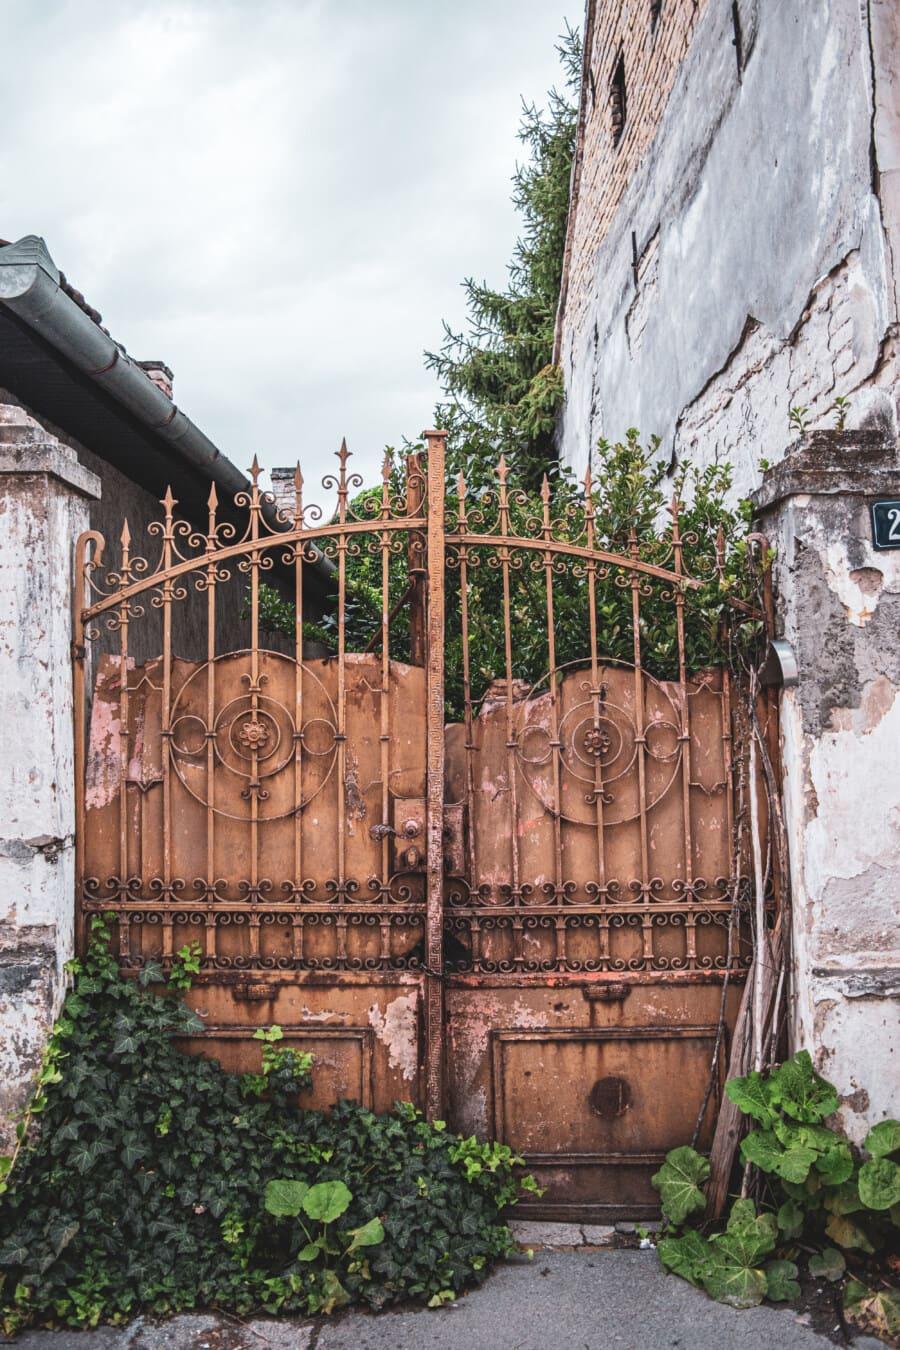 abandonné, carie, fer de fonte, passerelle, rouille, porte d'entrée, rue, architecture, vieux, maison